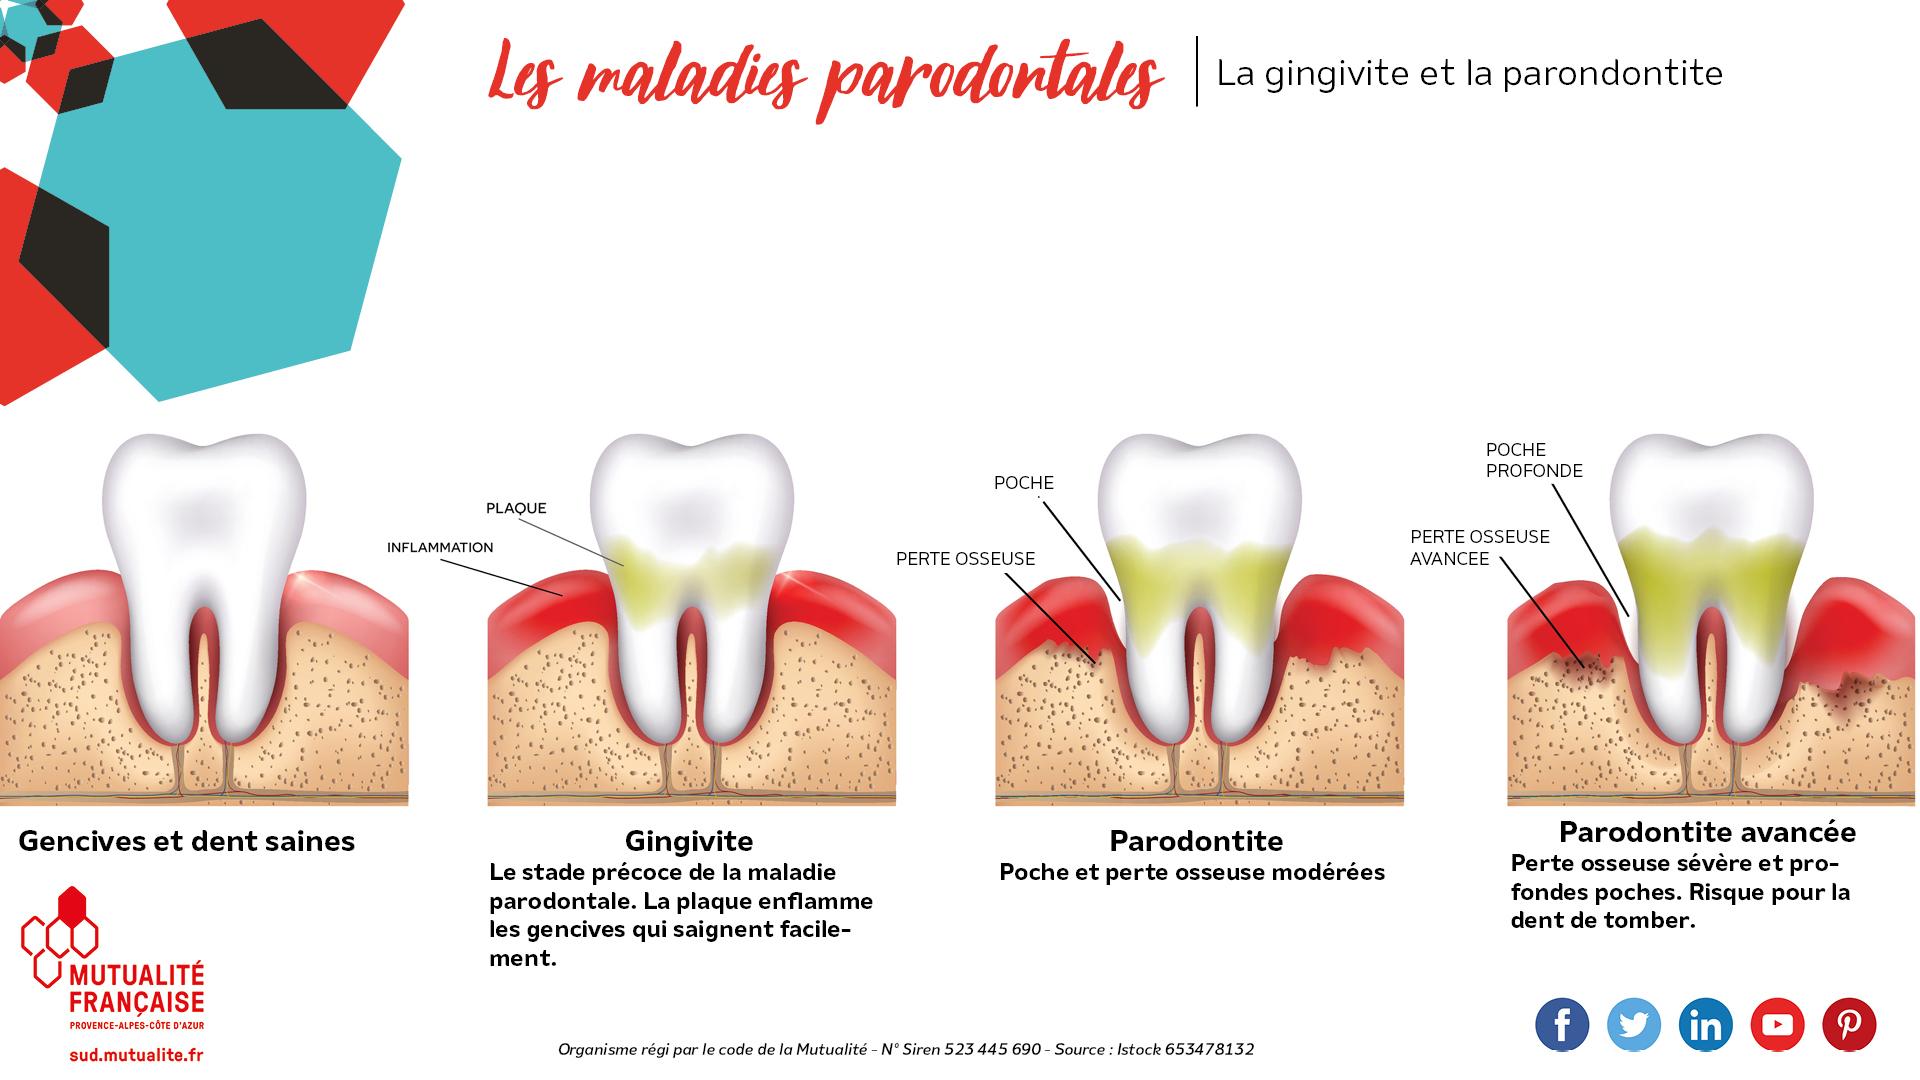 les maladies parodotales, gingivite et parondontie